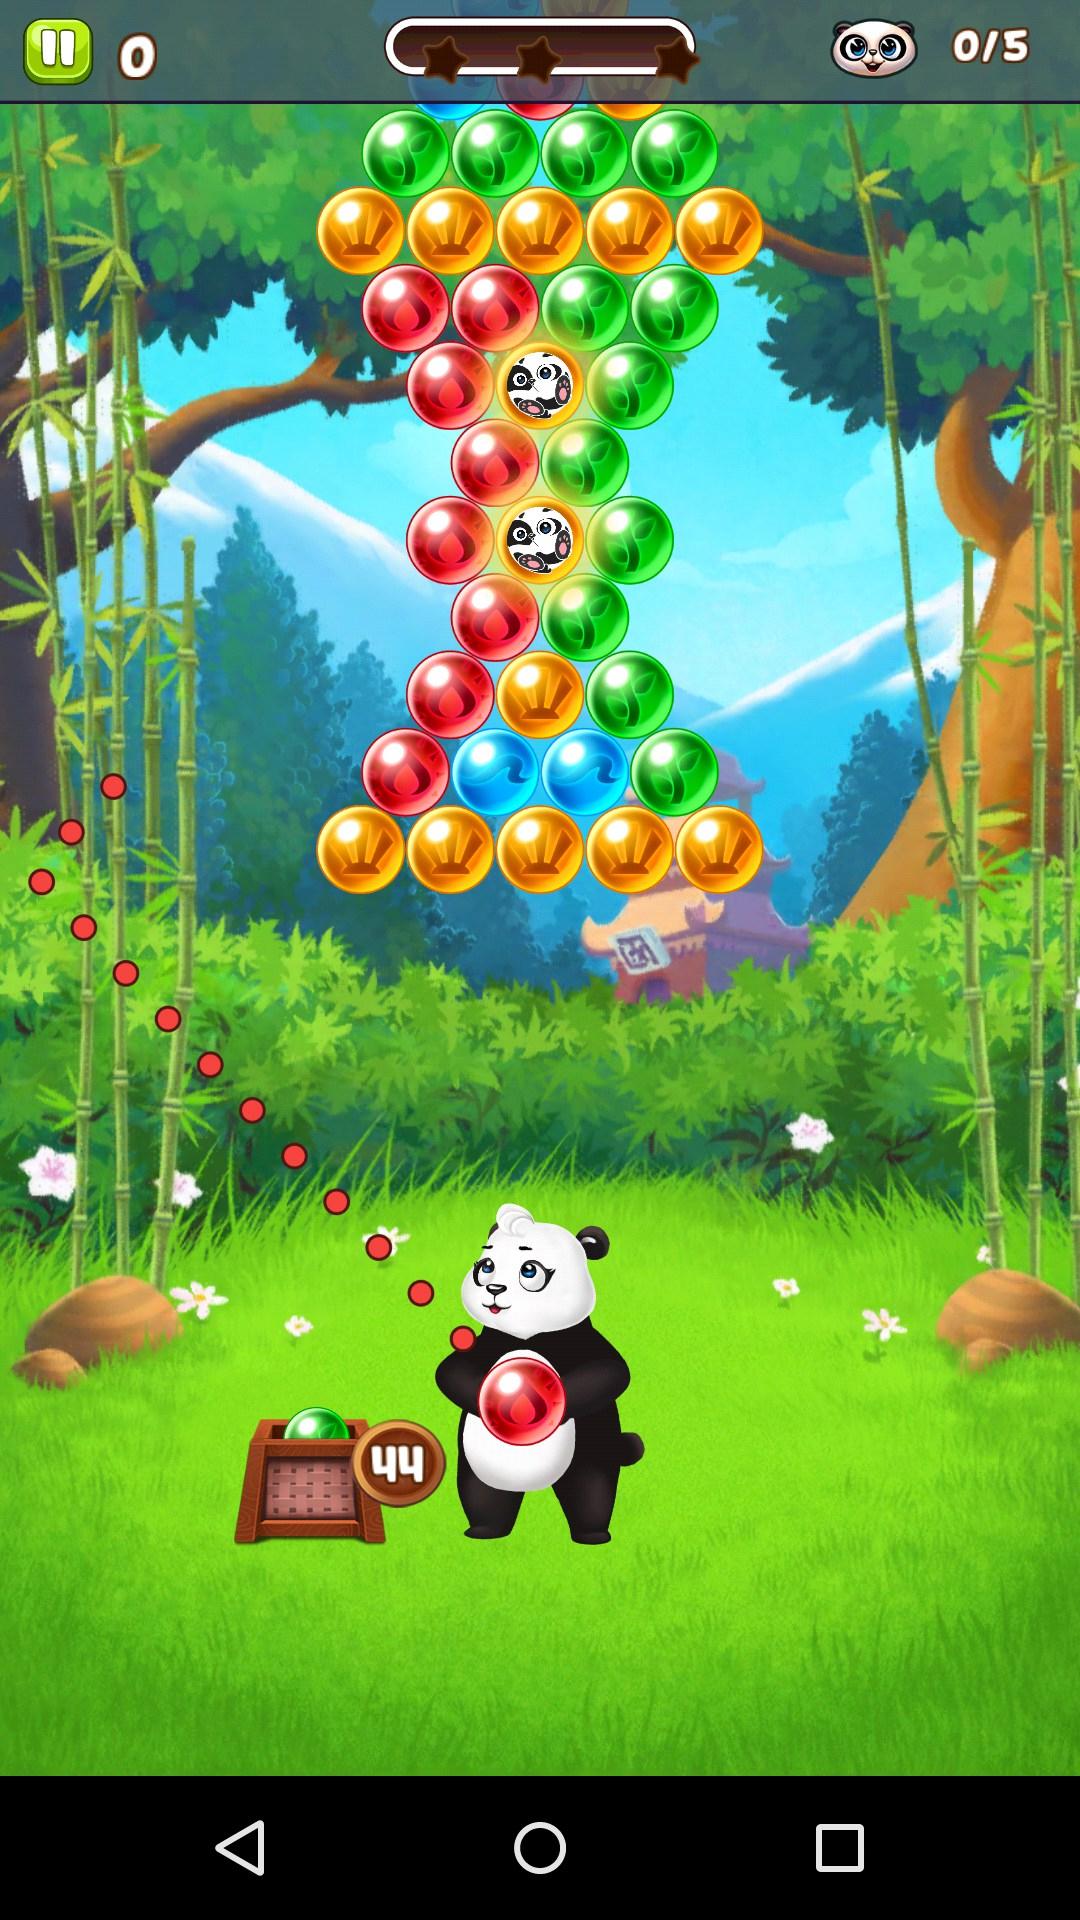 Panda Pop – Jeux Pour Android 2018 - Téléchargement Gratuit destiné Jeux De Bulles Gratuit